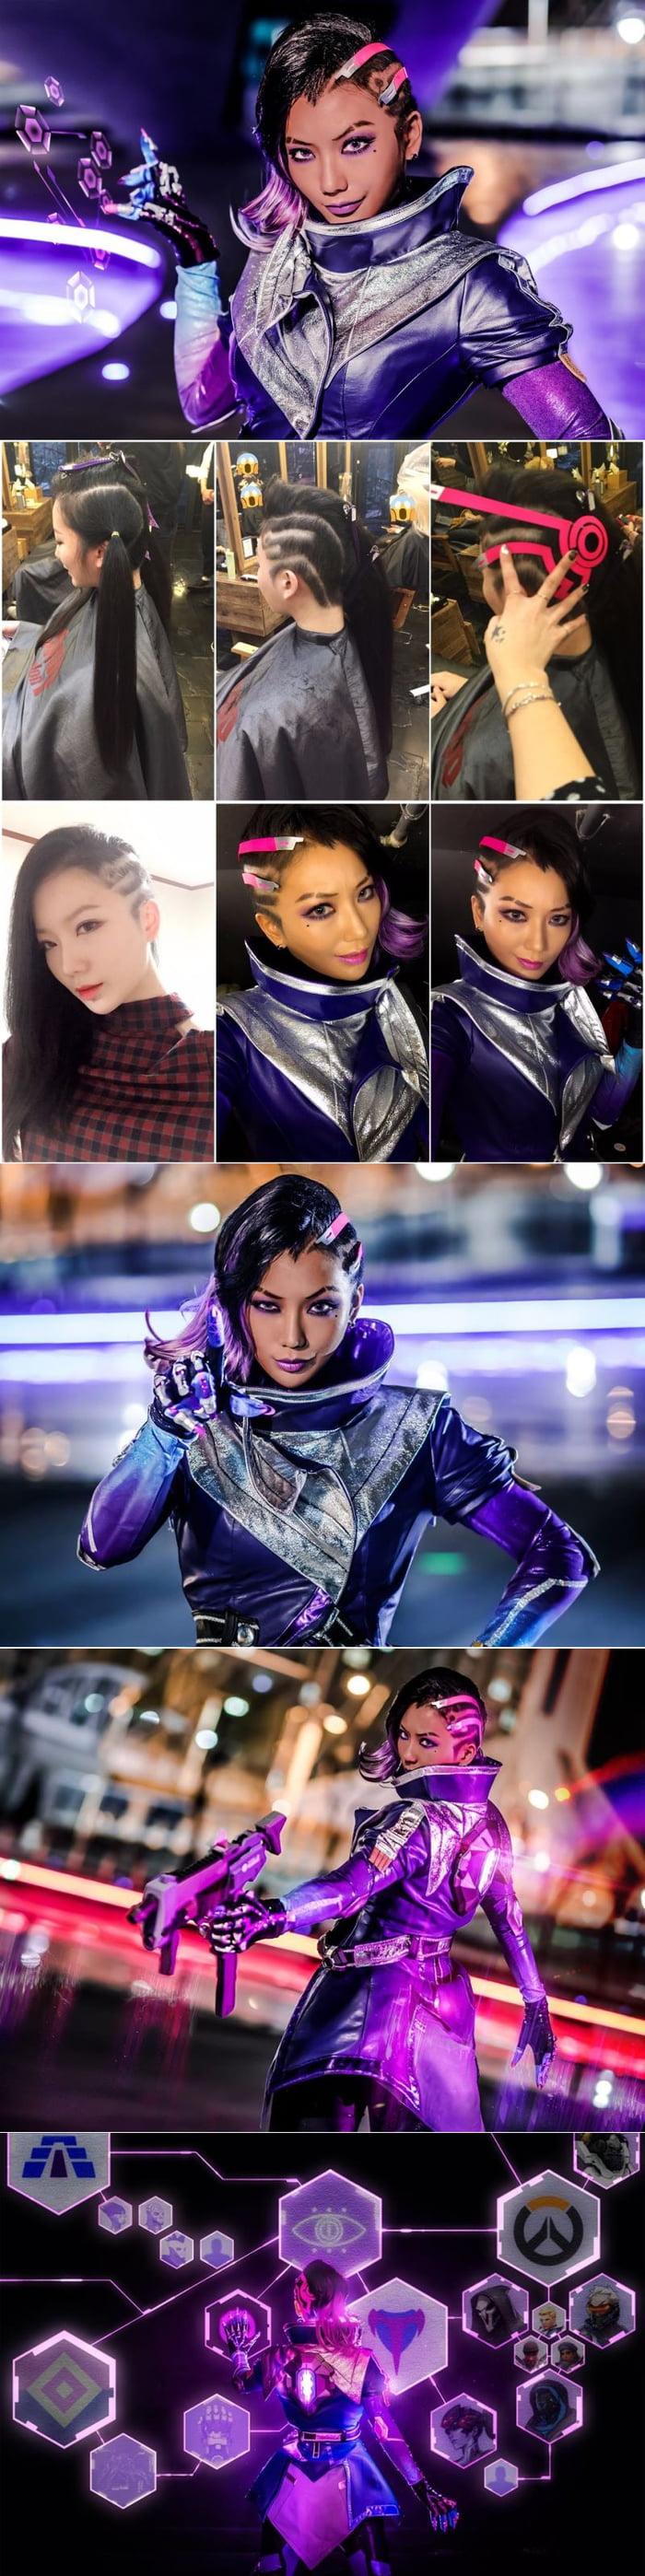 Pion Kim as Sombra